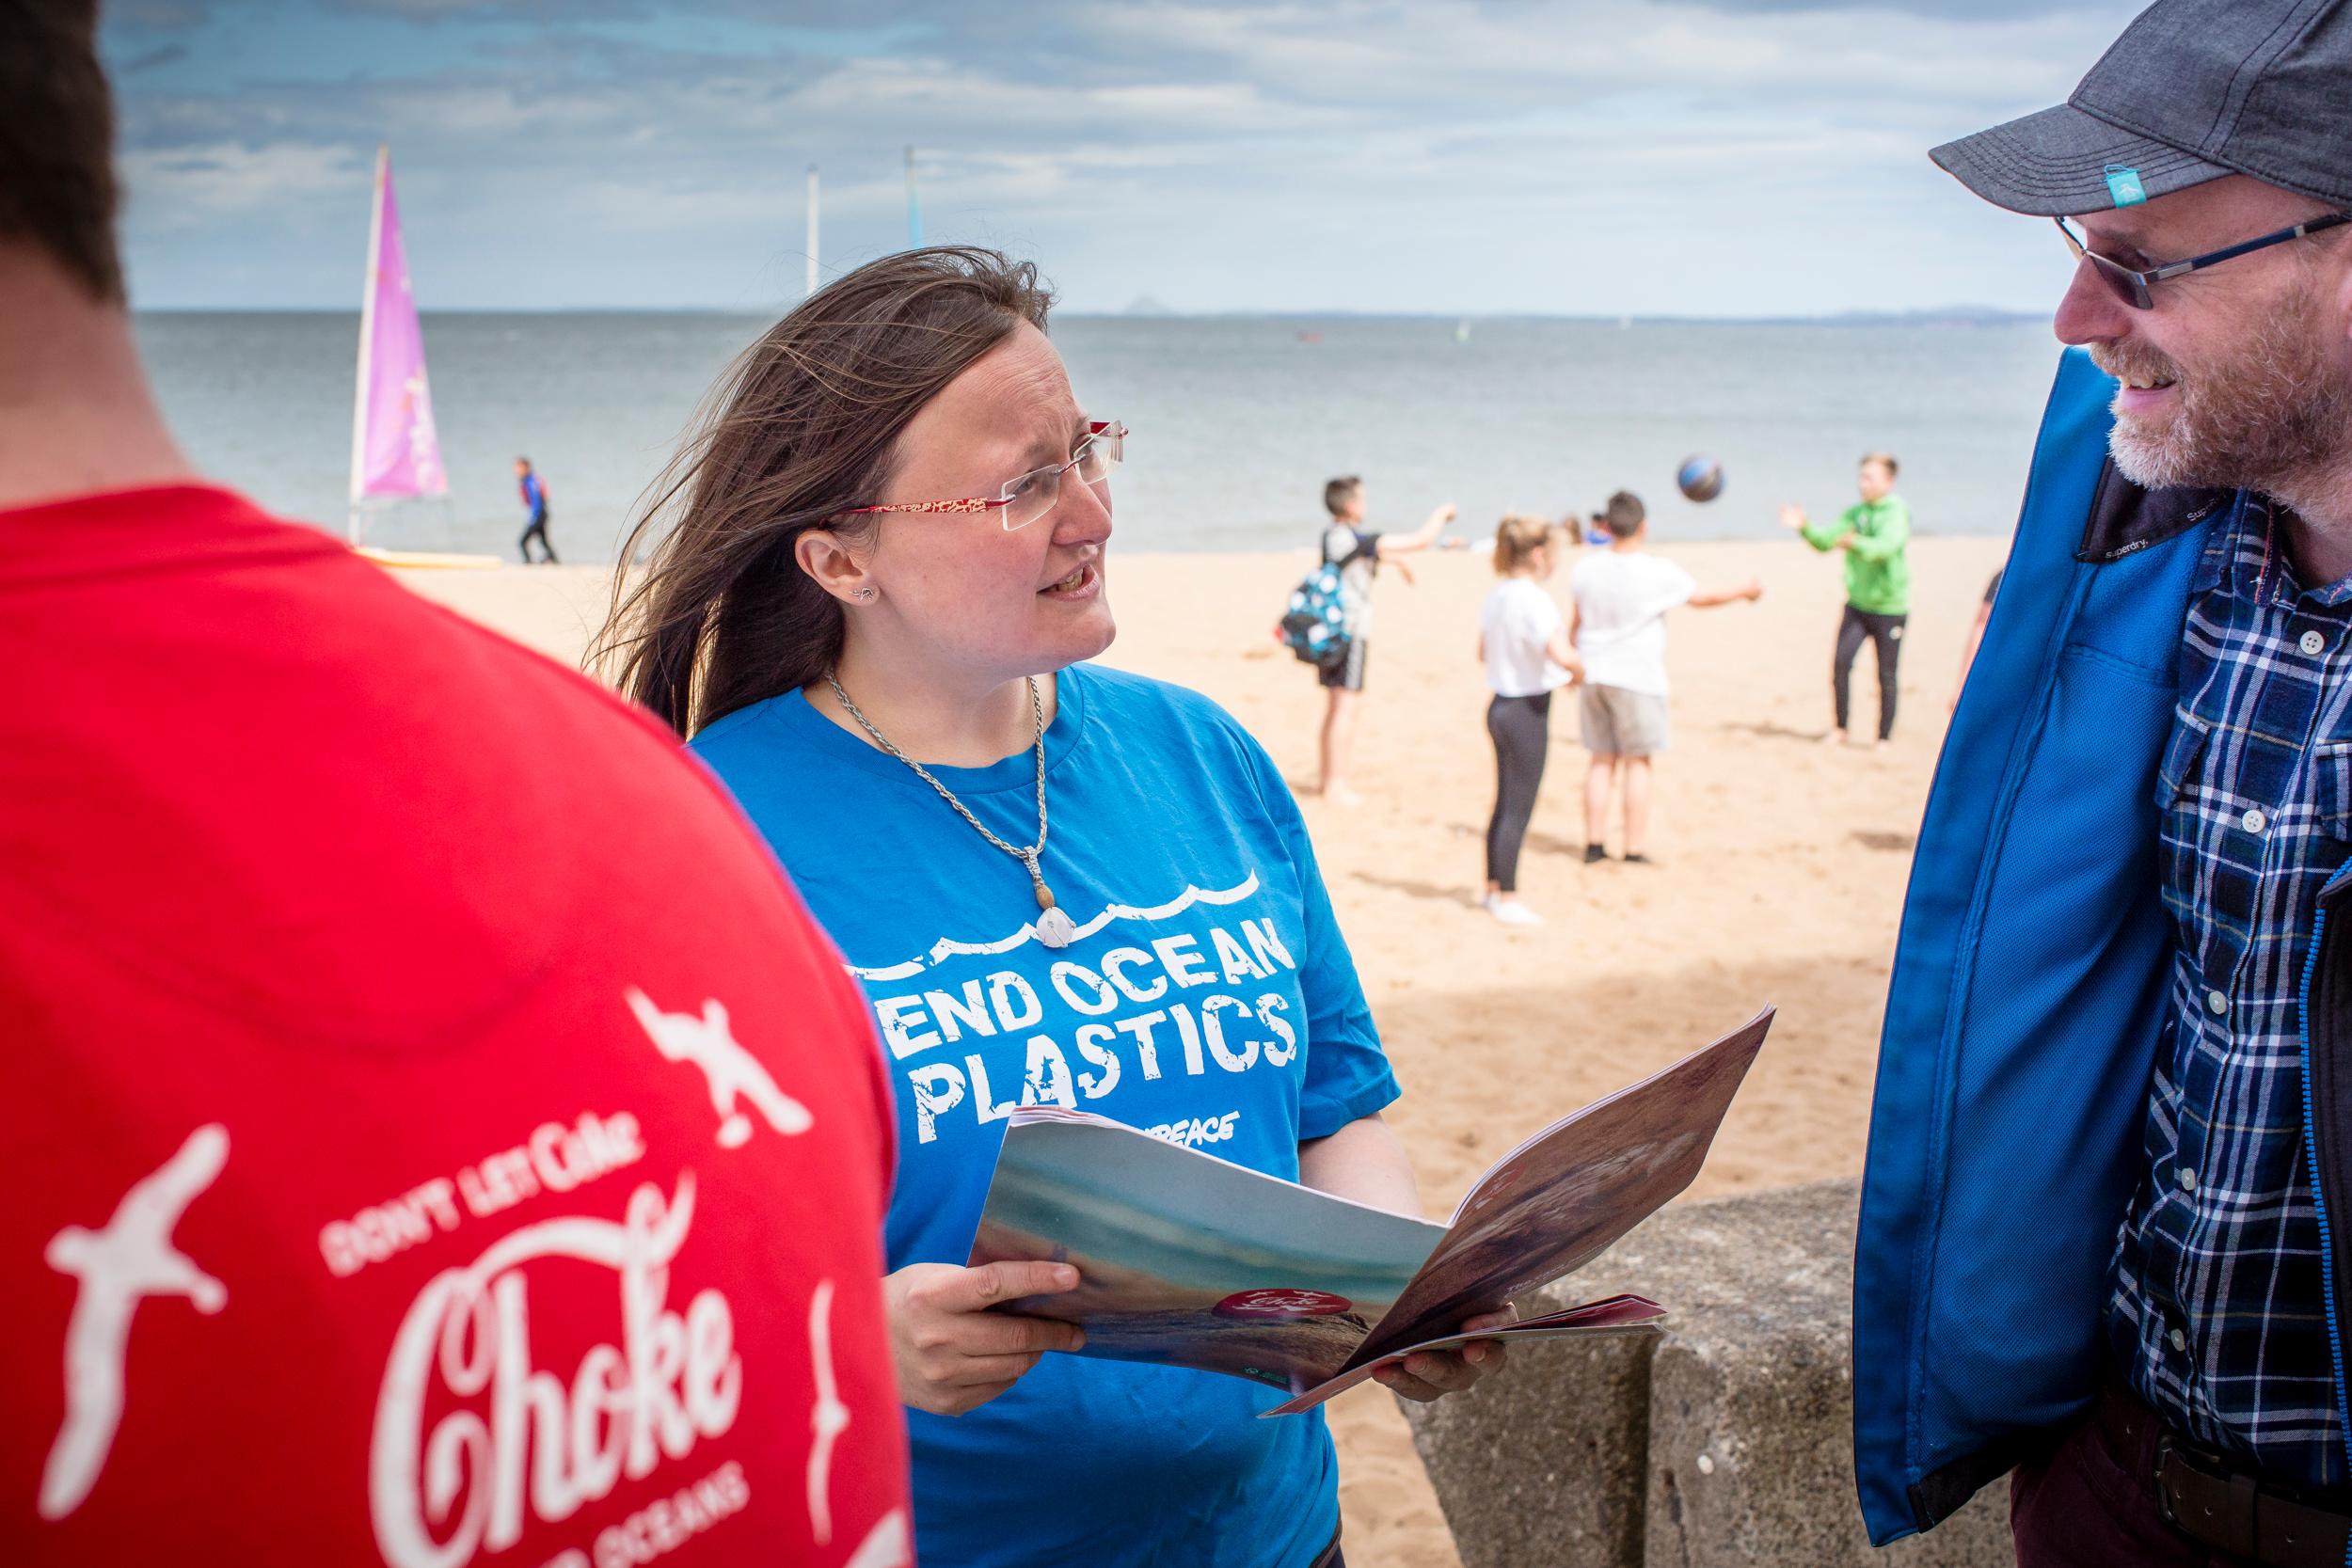 Greenpeace volunteers speak to members of the public